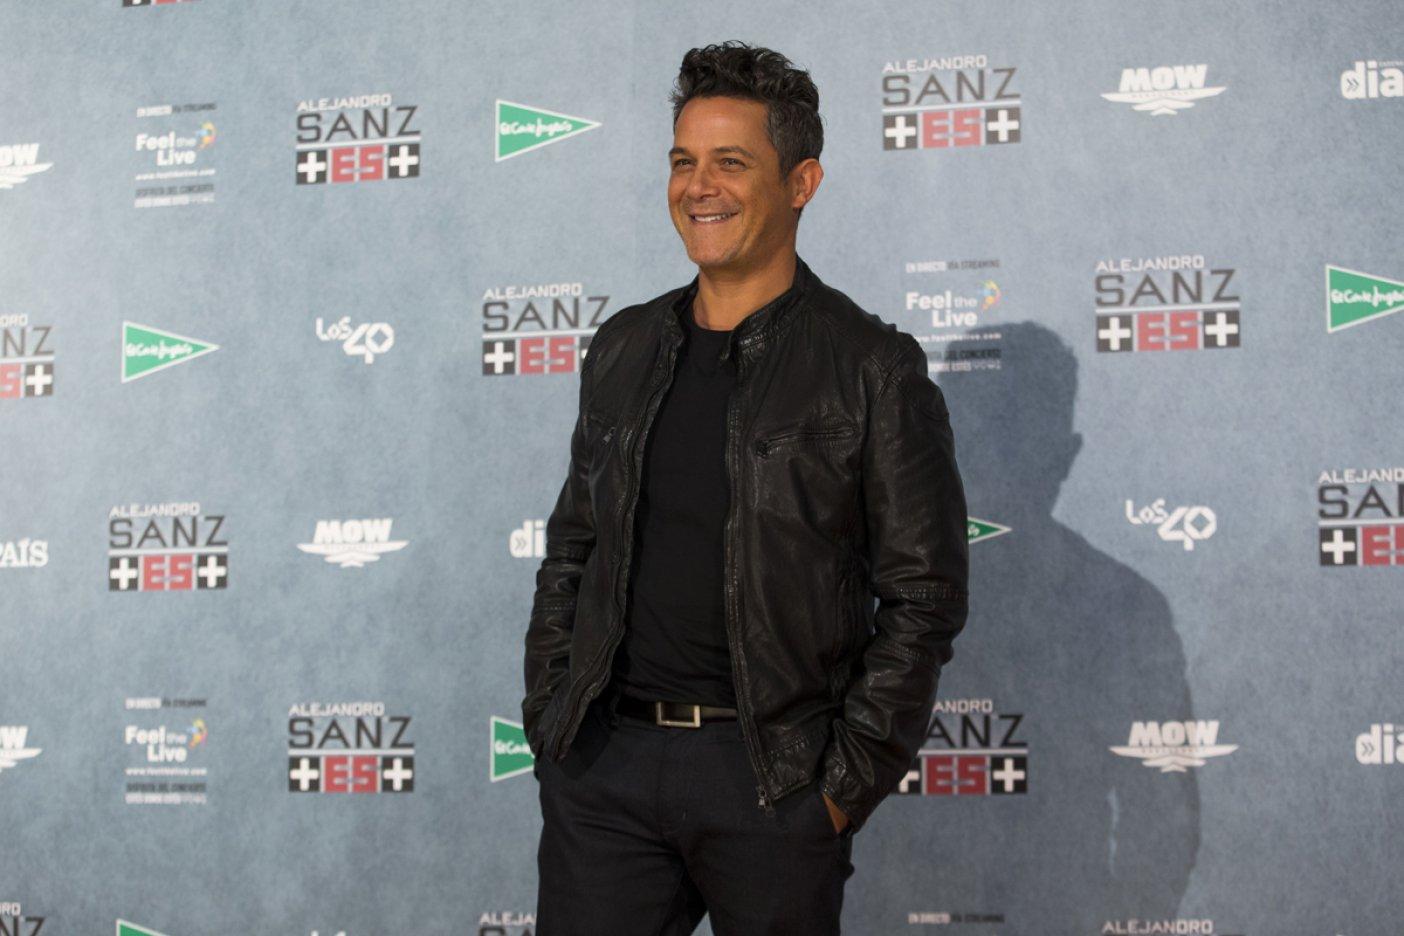 Alejandro Sanz es la Persona del Año 2017 del Latin Grammy